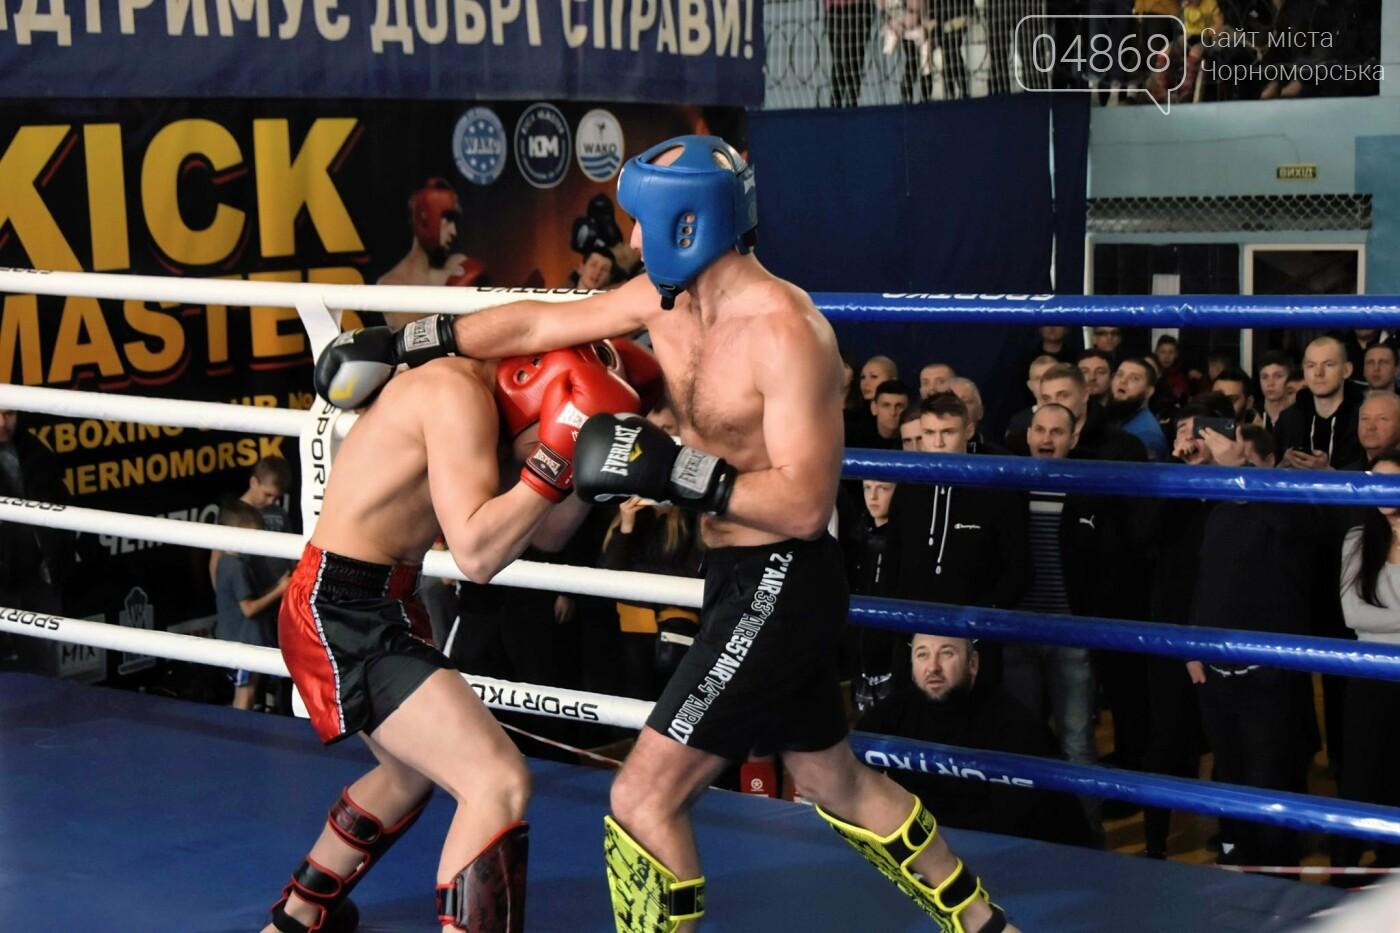 За золотом: в Черноморске прошёл турнир по кикбоксингу (видео), фото-9